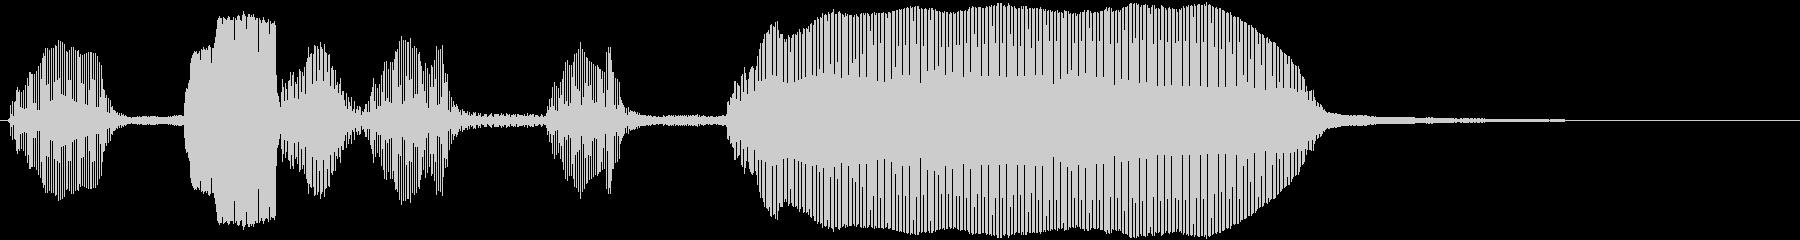 トランペット/使えるミニファンファーレの未再生の波形